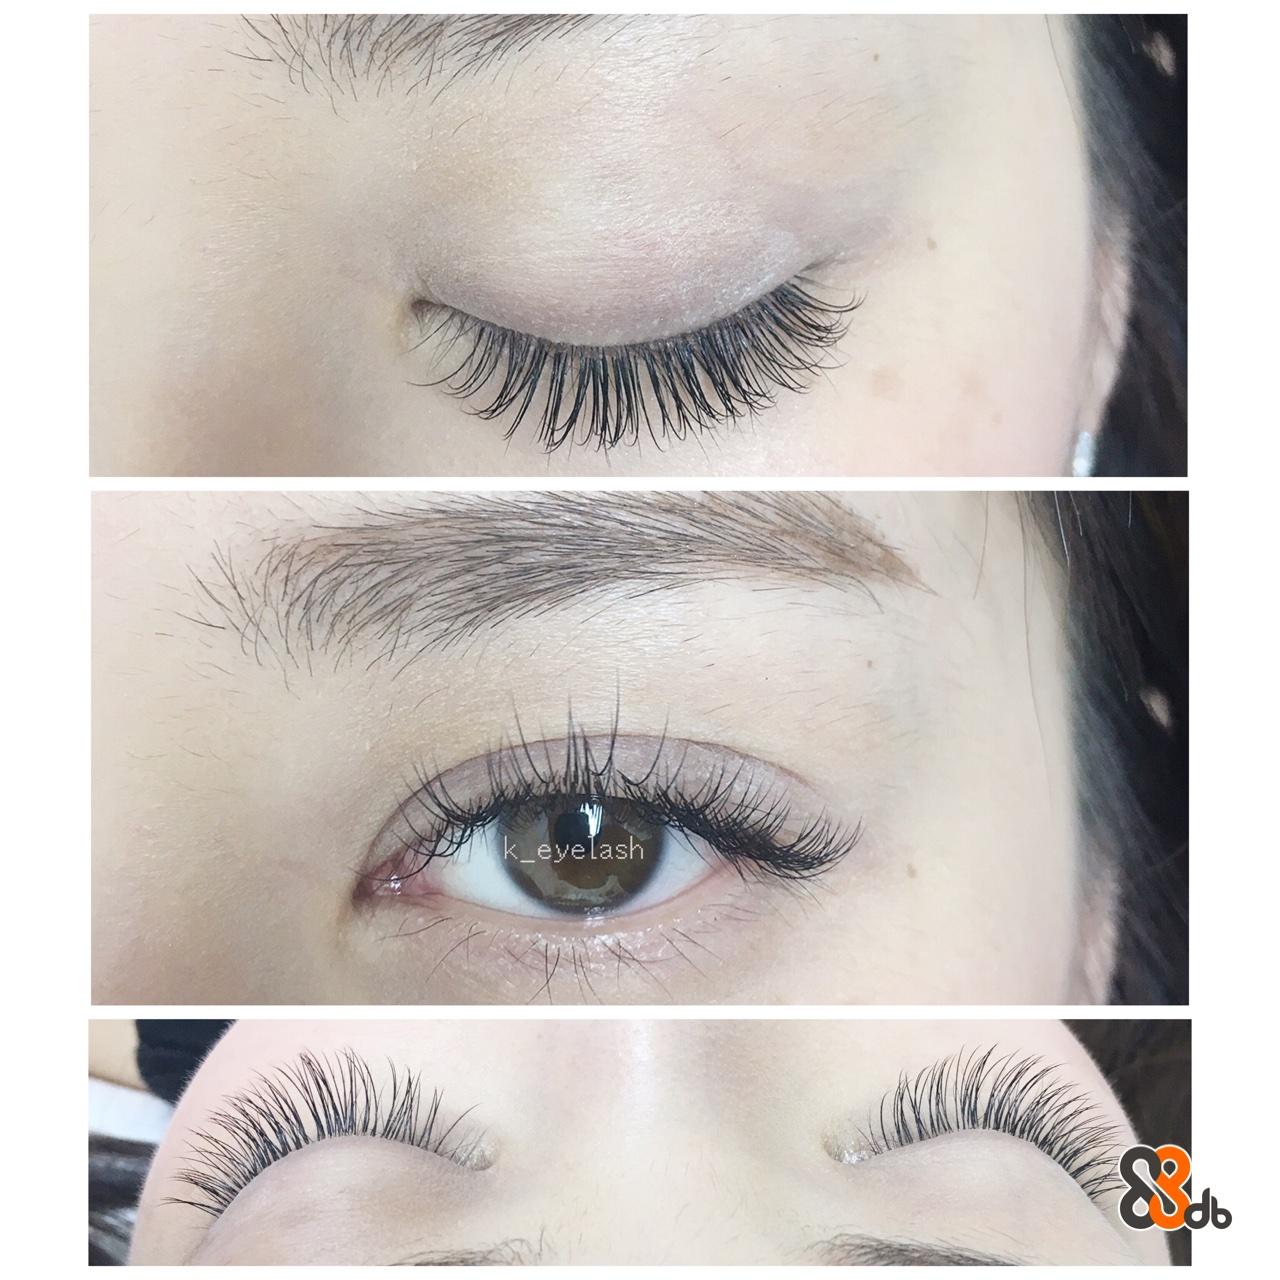 eyelash  eyebrow,eyelash,beauty,cosmetics,eye